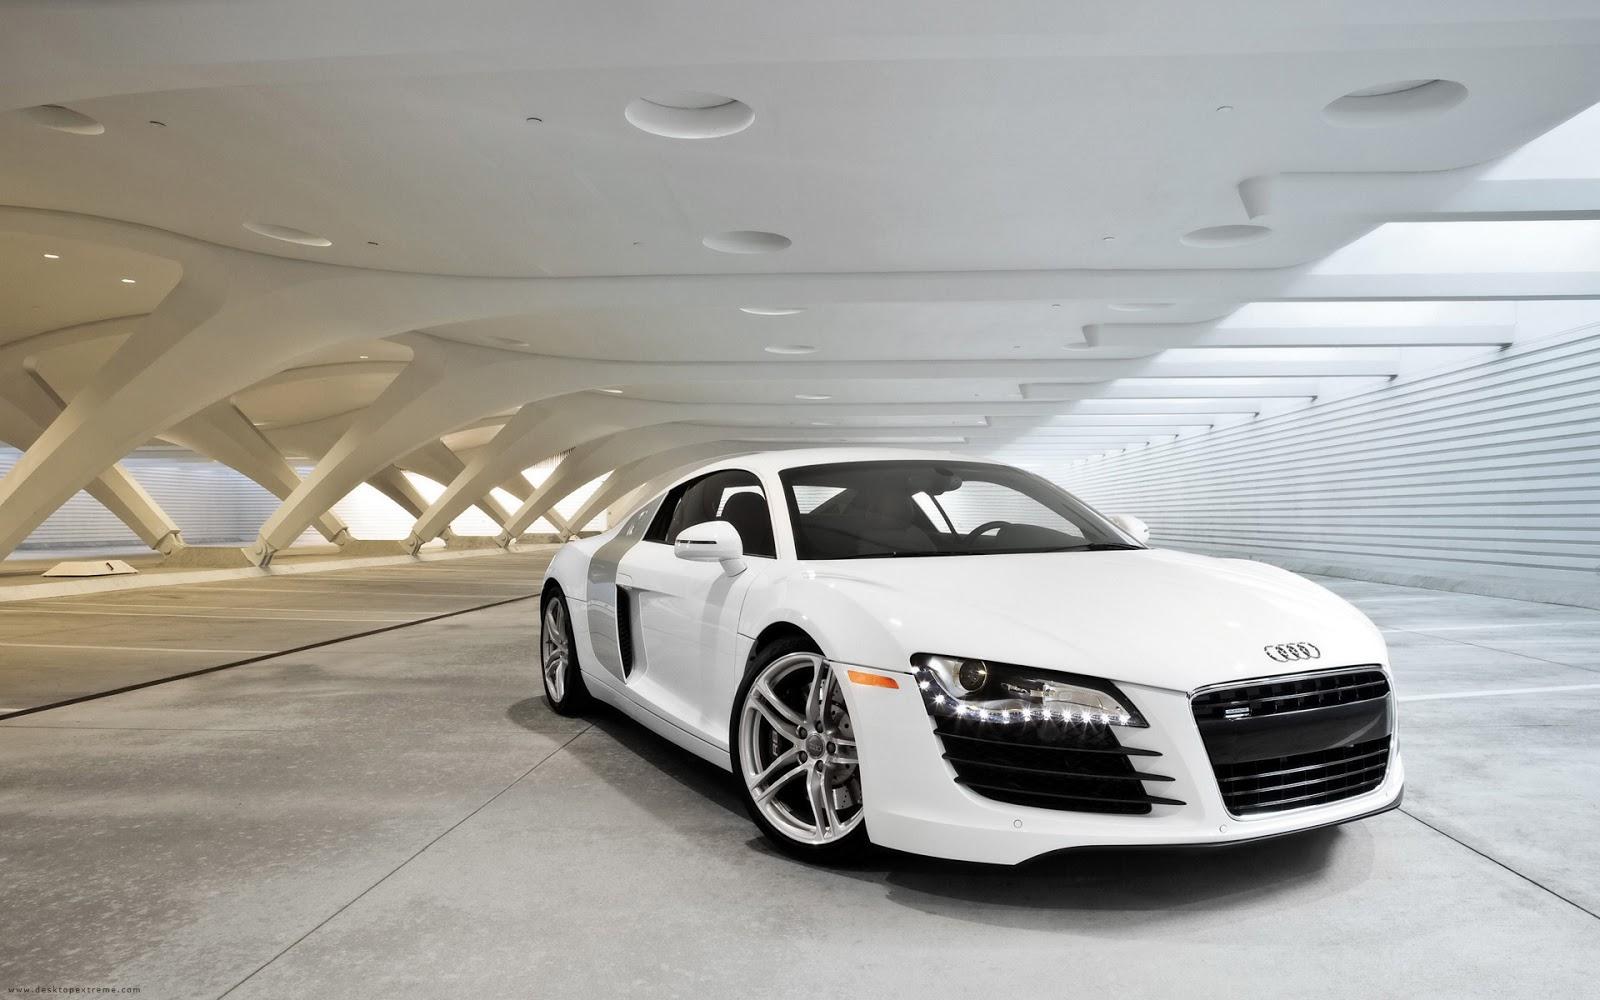 Royal Cars And Bikes Wallpapers Audis Fastes Cars